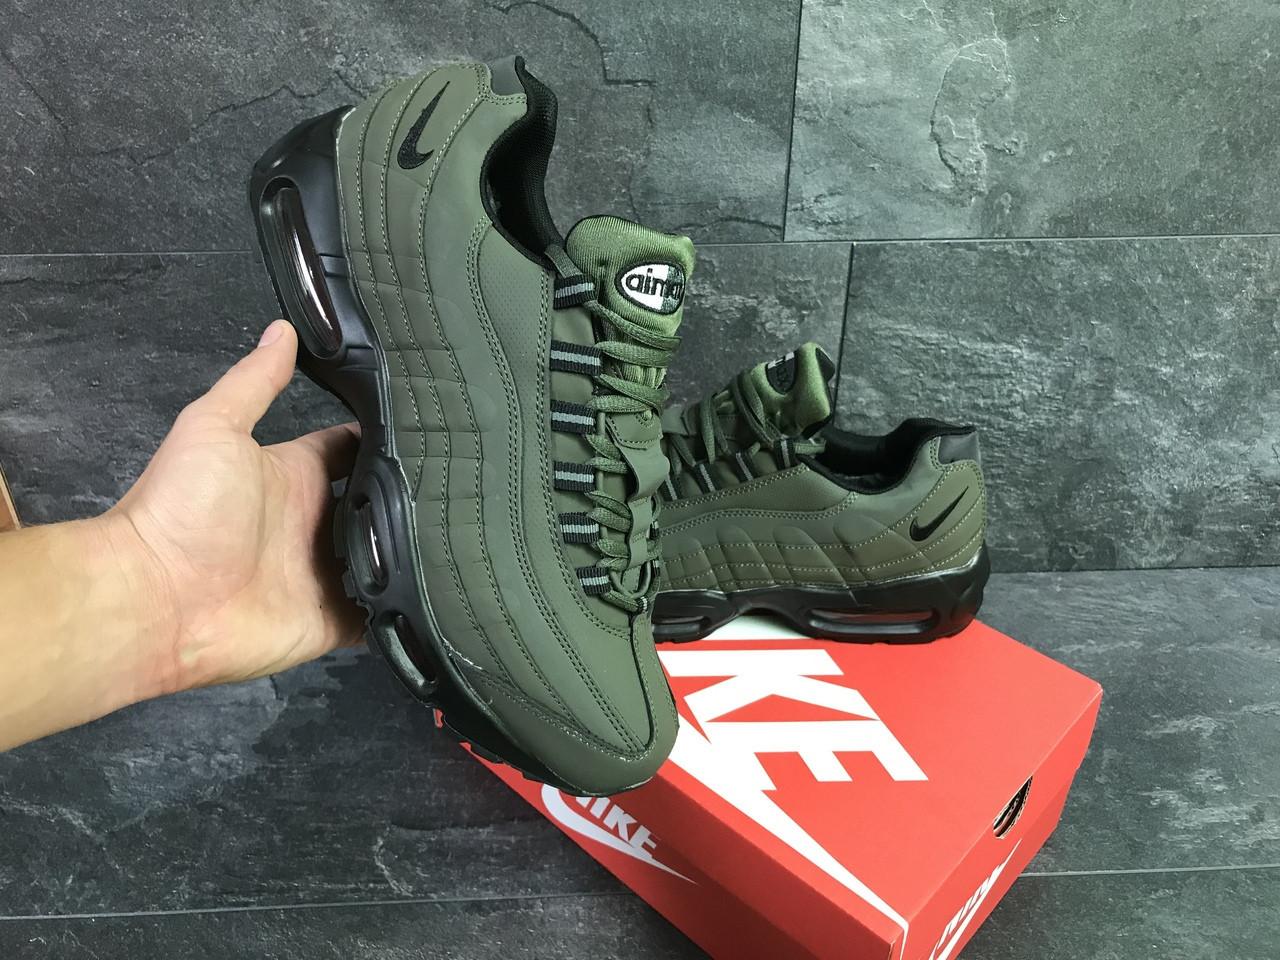 eaf455c2 Зимние мужские кроссовки темно зеленые Nike Air Max 95 РП-6343, цена 1 240  грн., купить в Хмельницком — Prom.ua (ID#784691257)